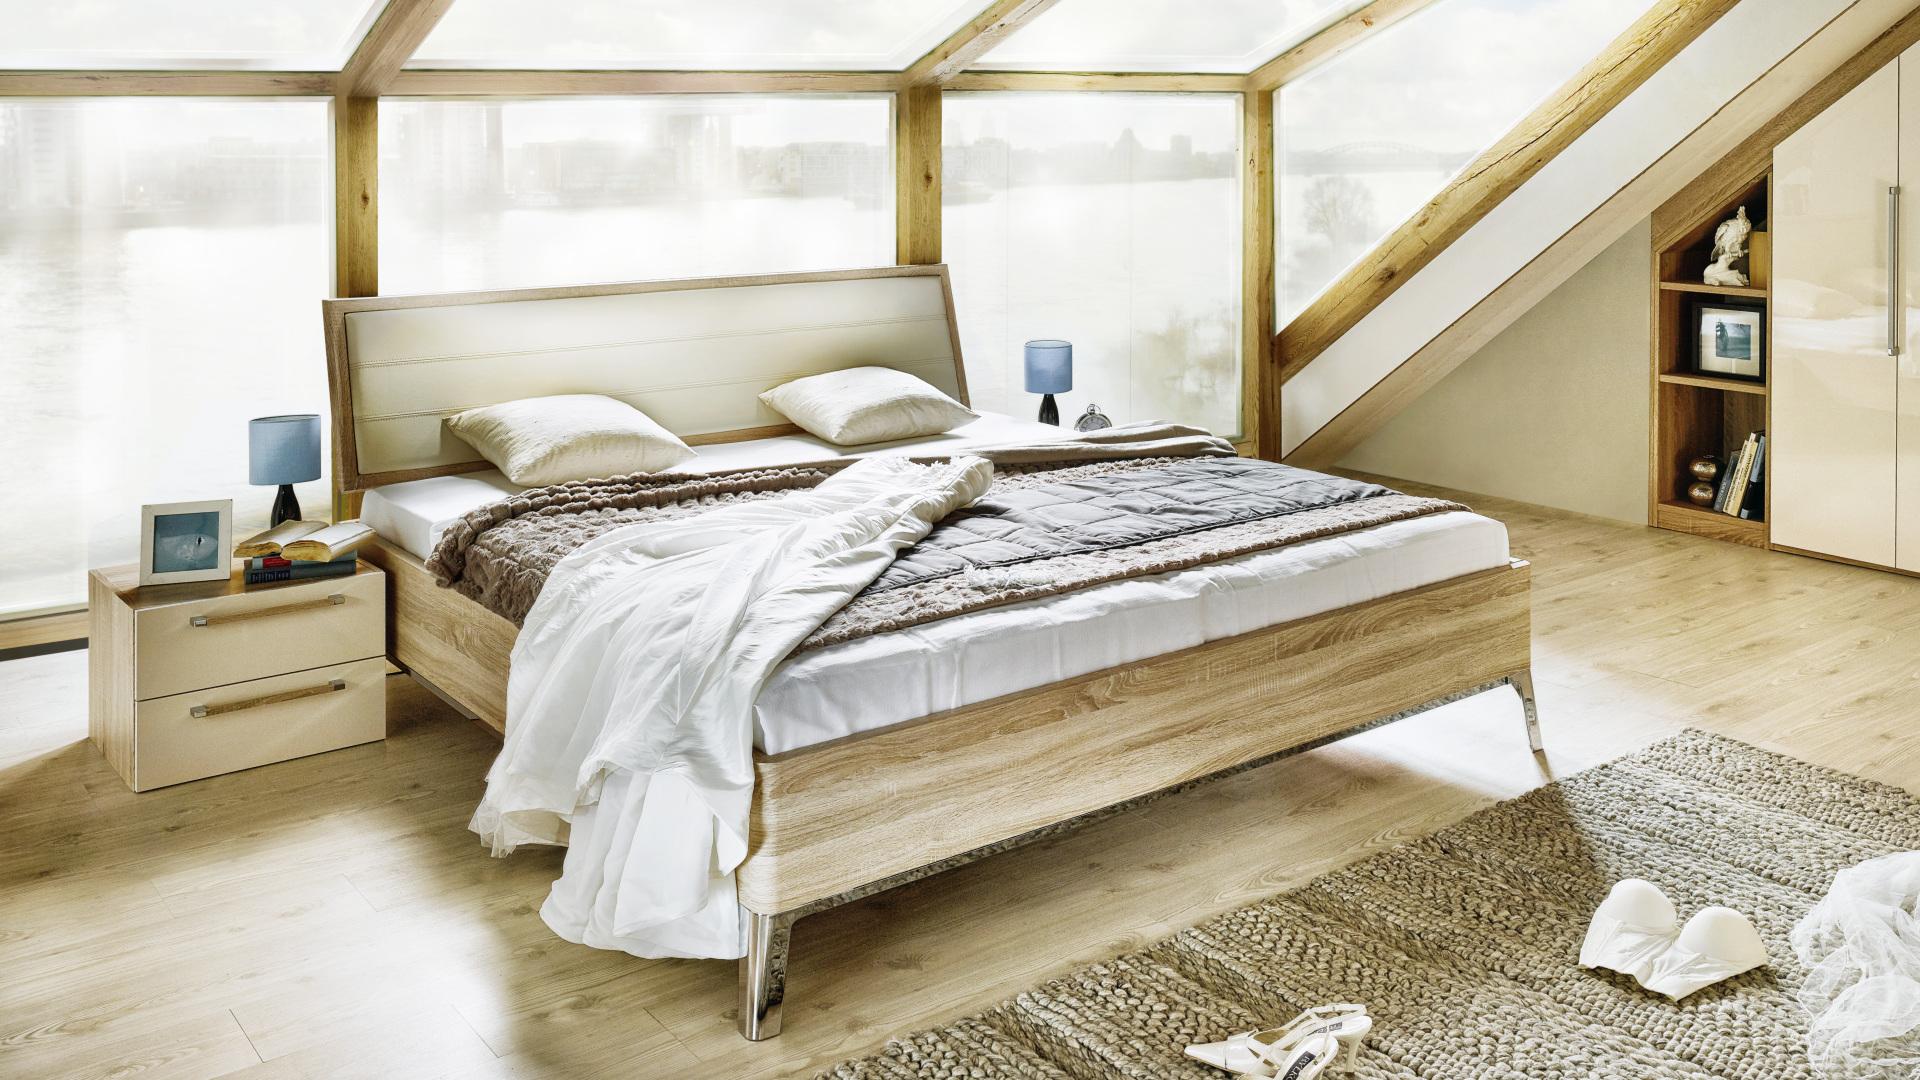 łózko i szafka nocna w jasnej sypialni